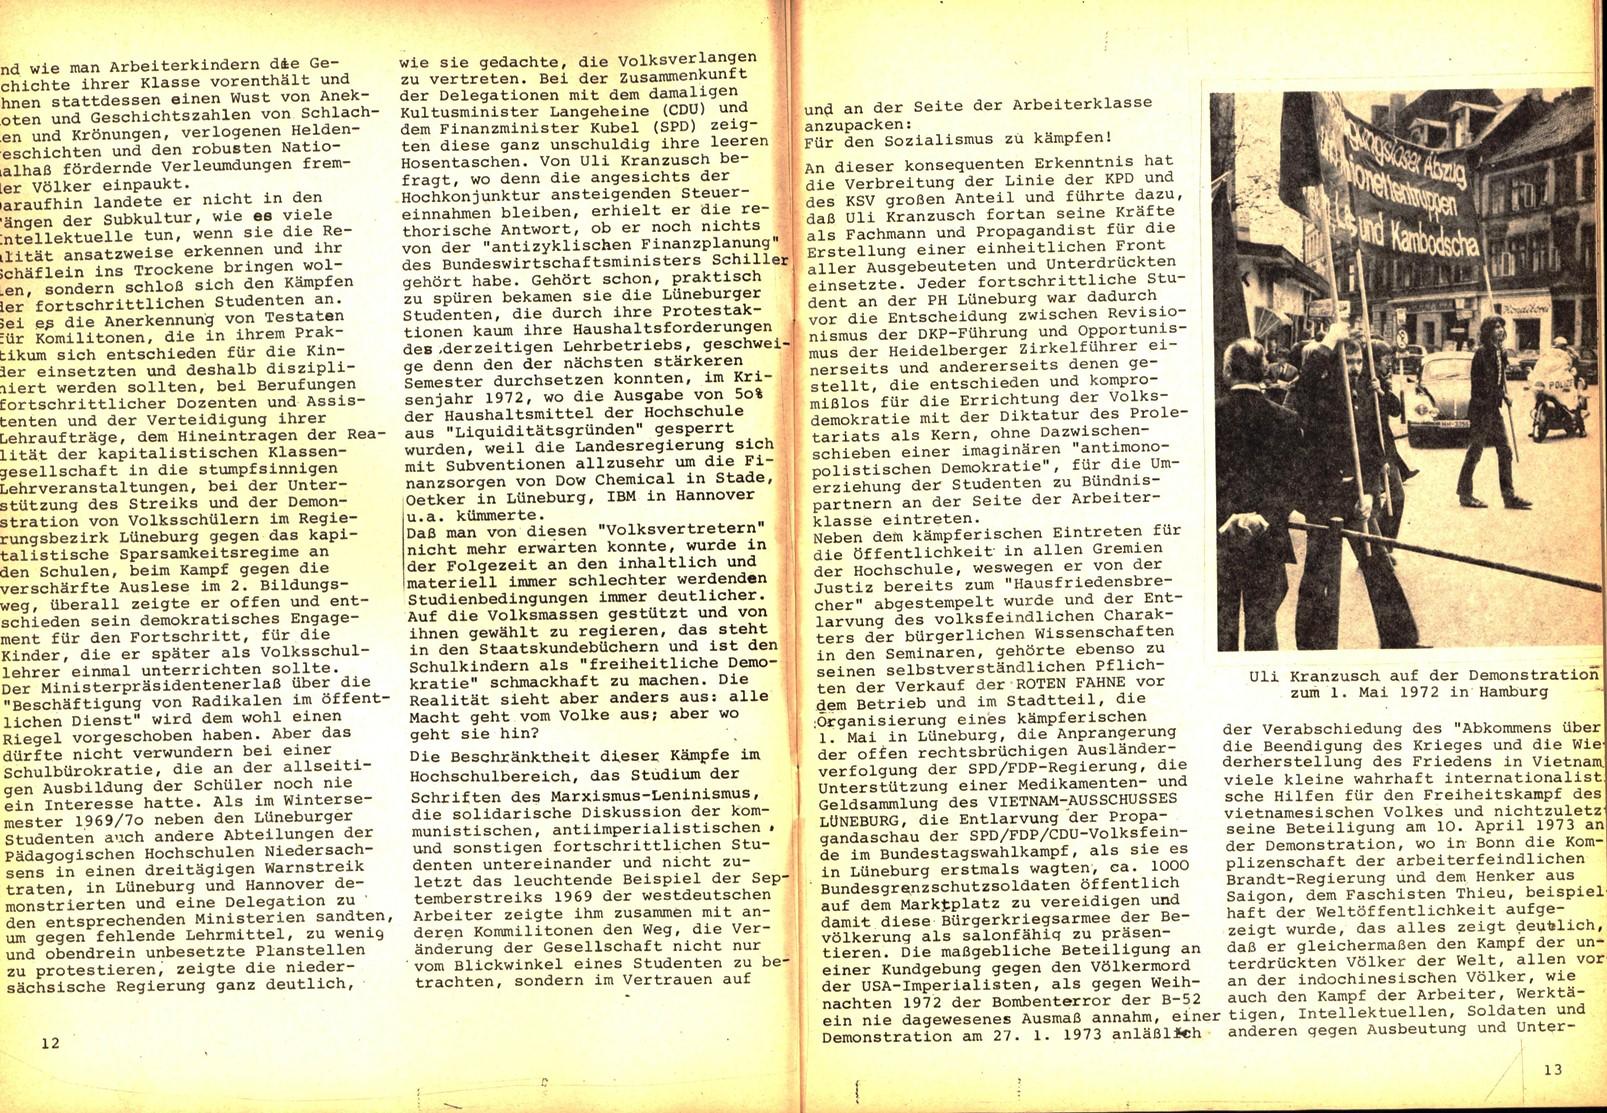 Komitee_Haende_weg_von_der_KPD_1973_Freiheit_fuer_Uli_Kranzusch_08